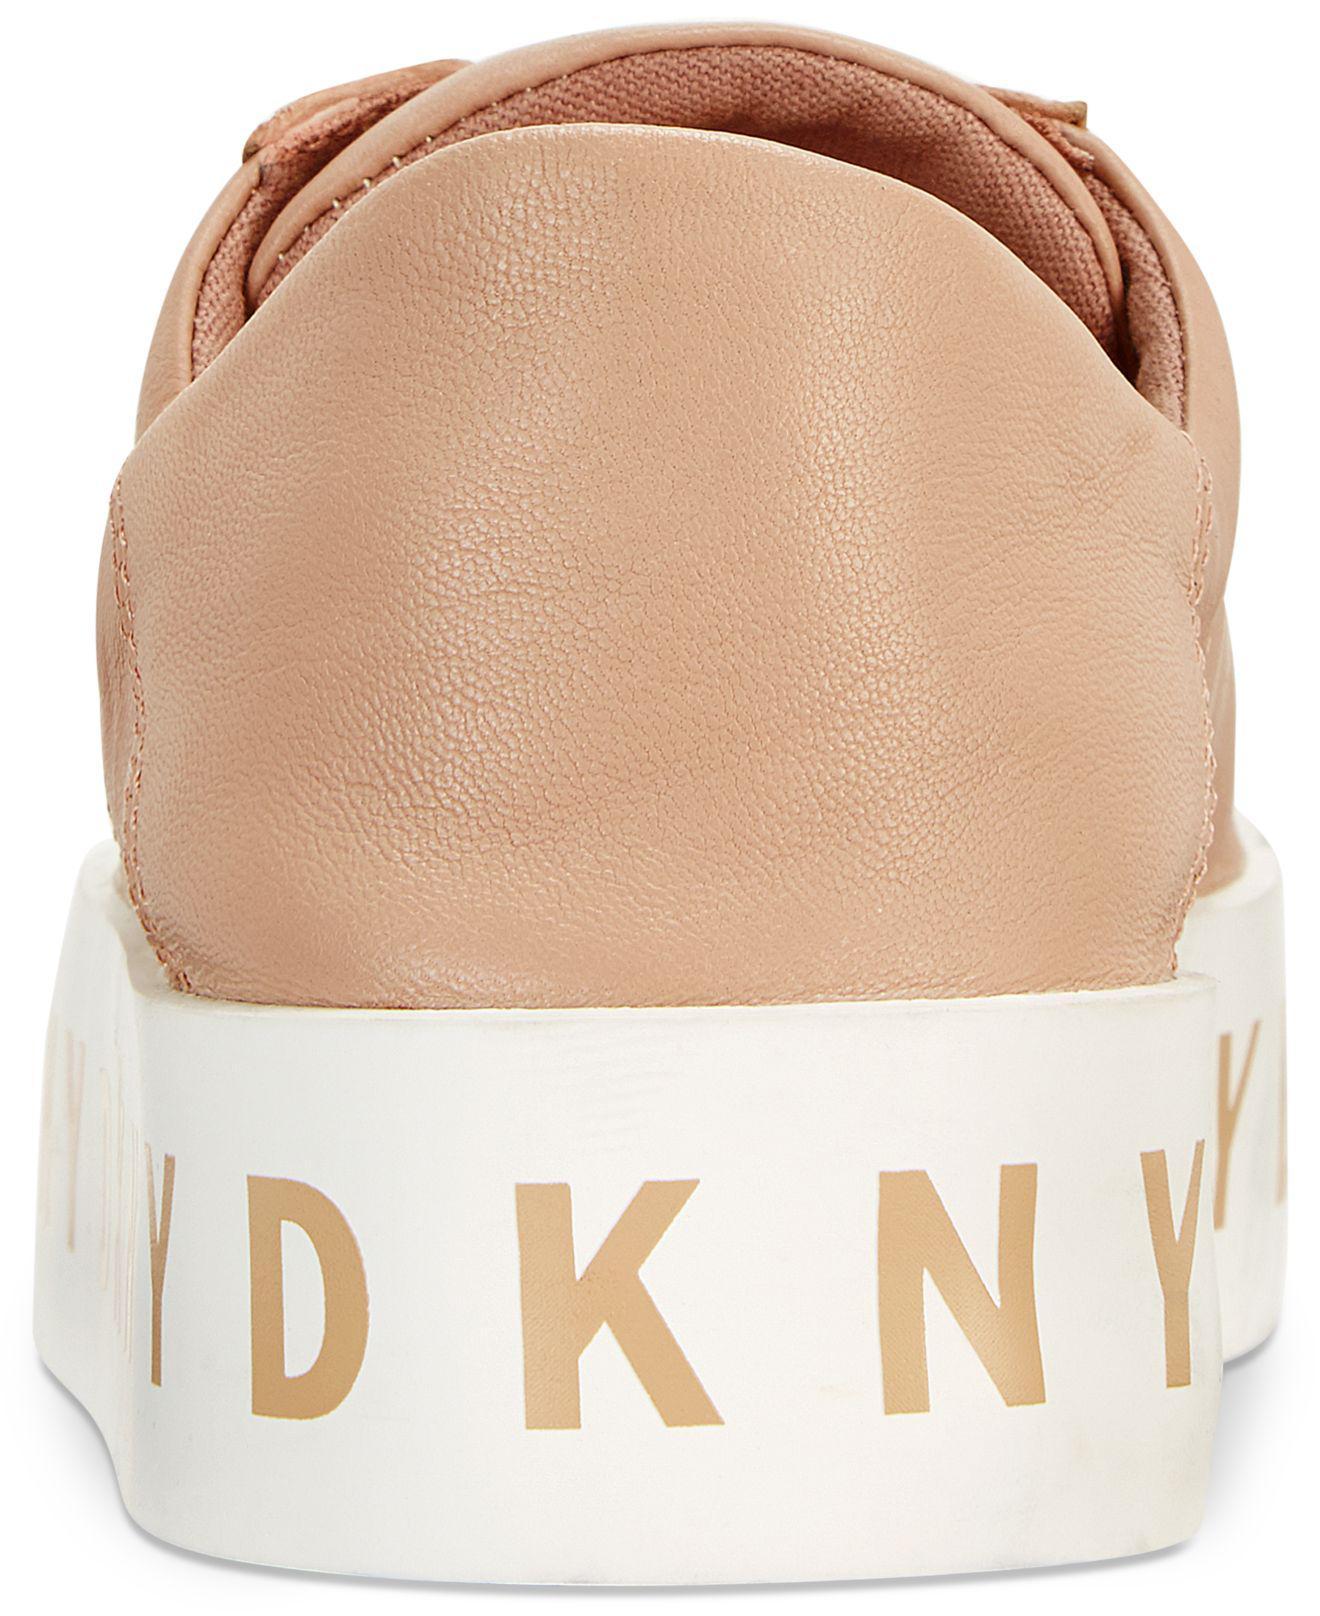 DKNY Leather Banson Lace-up Platform